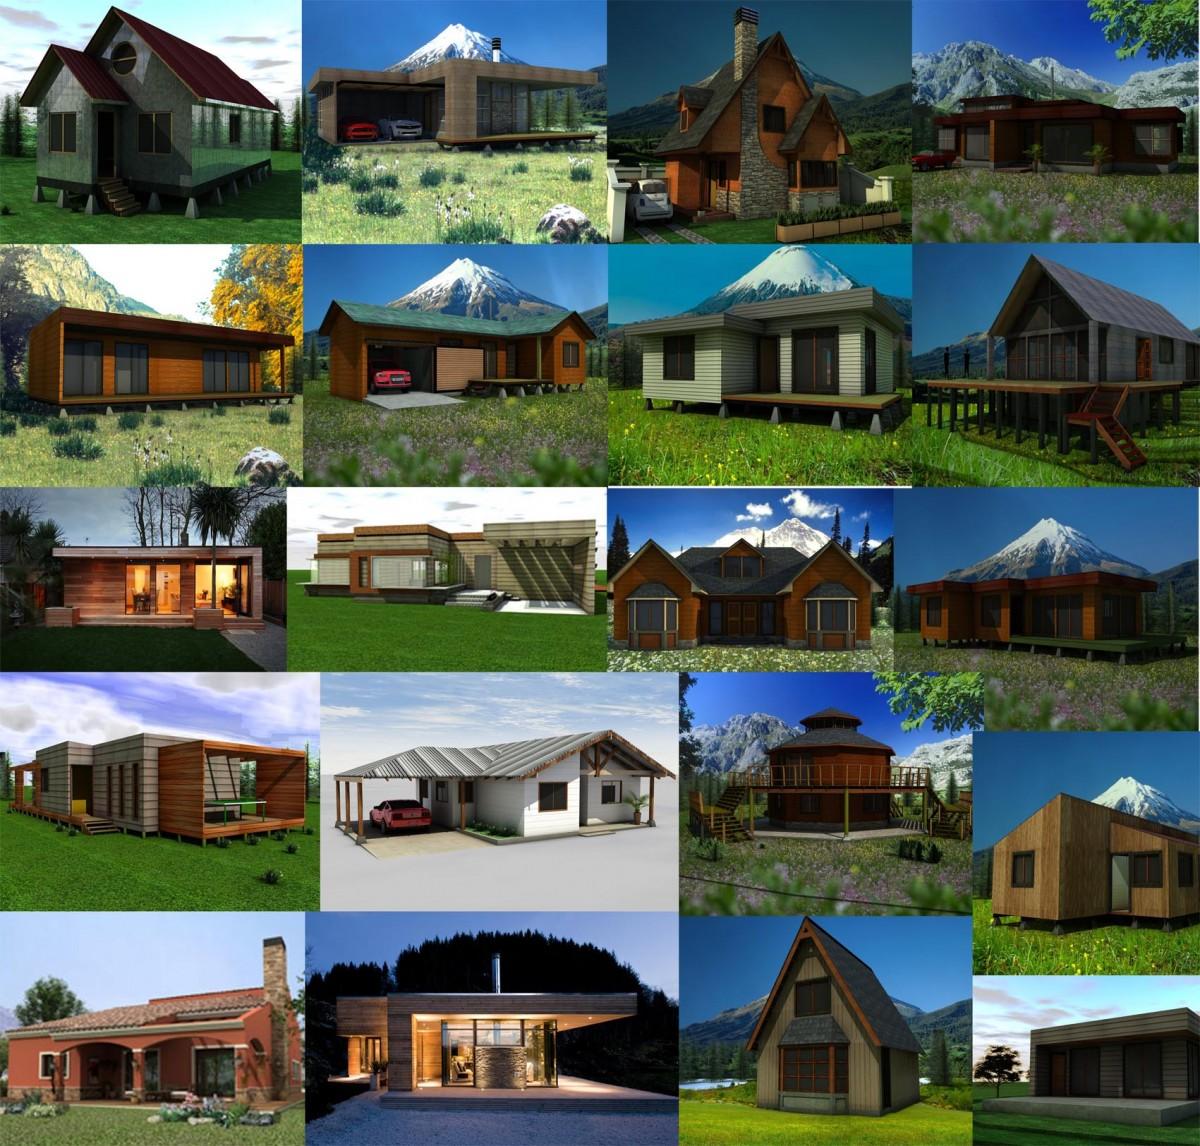 Dise o de casas planos modelos 3d construyored - Diseno de casas 3d ...